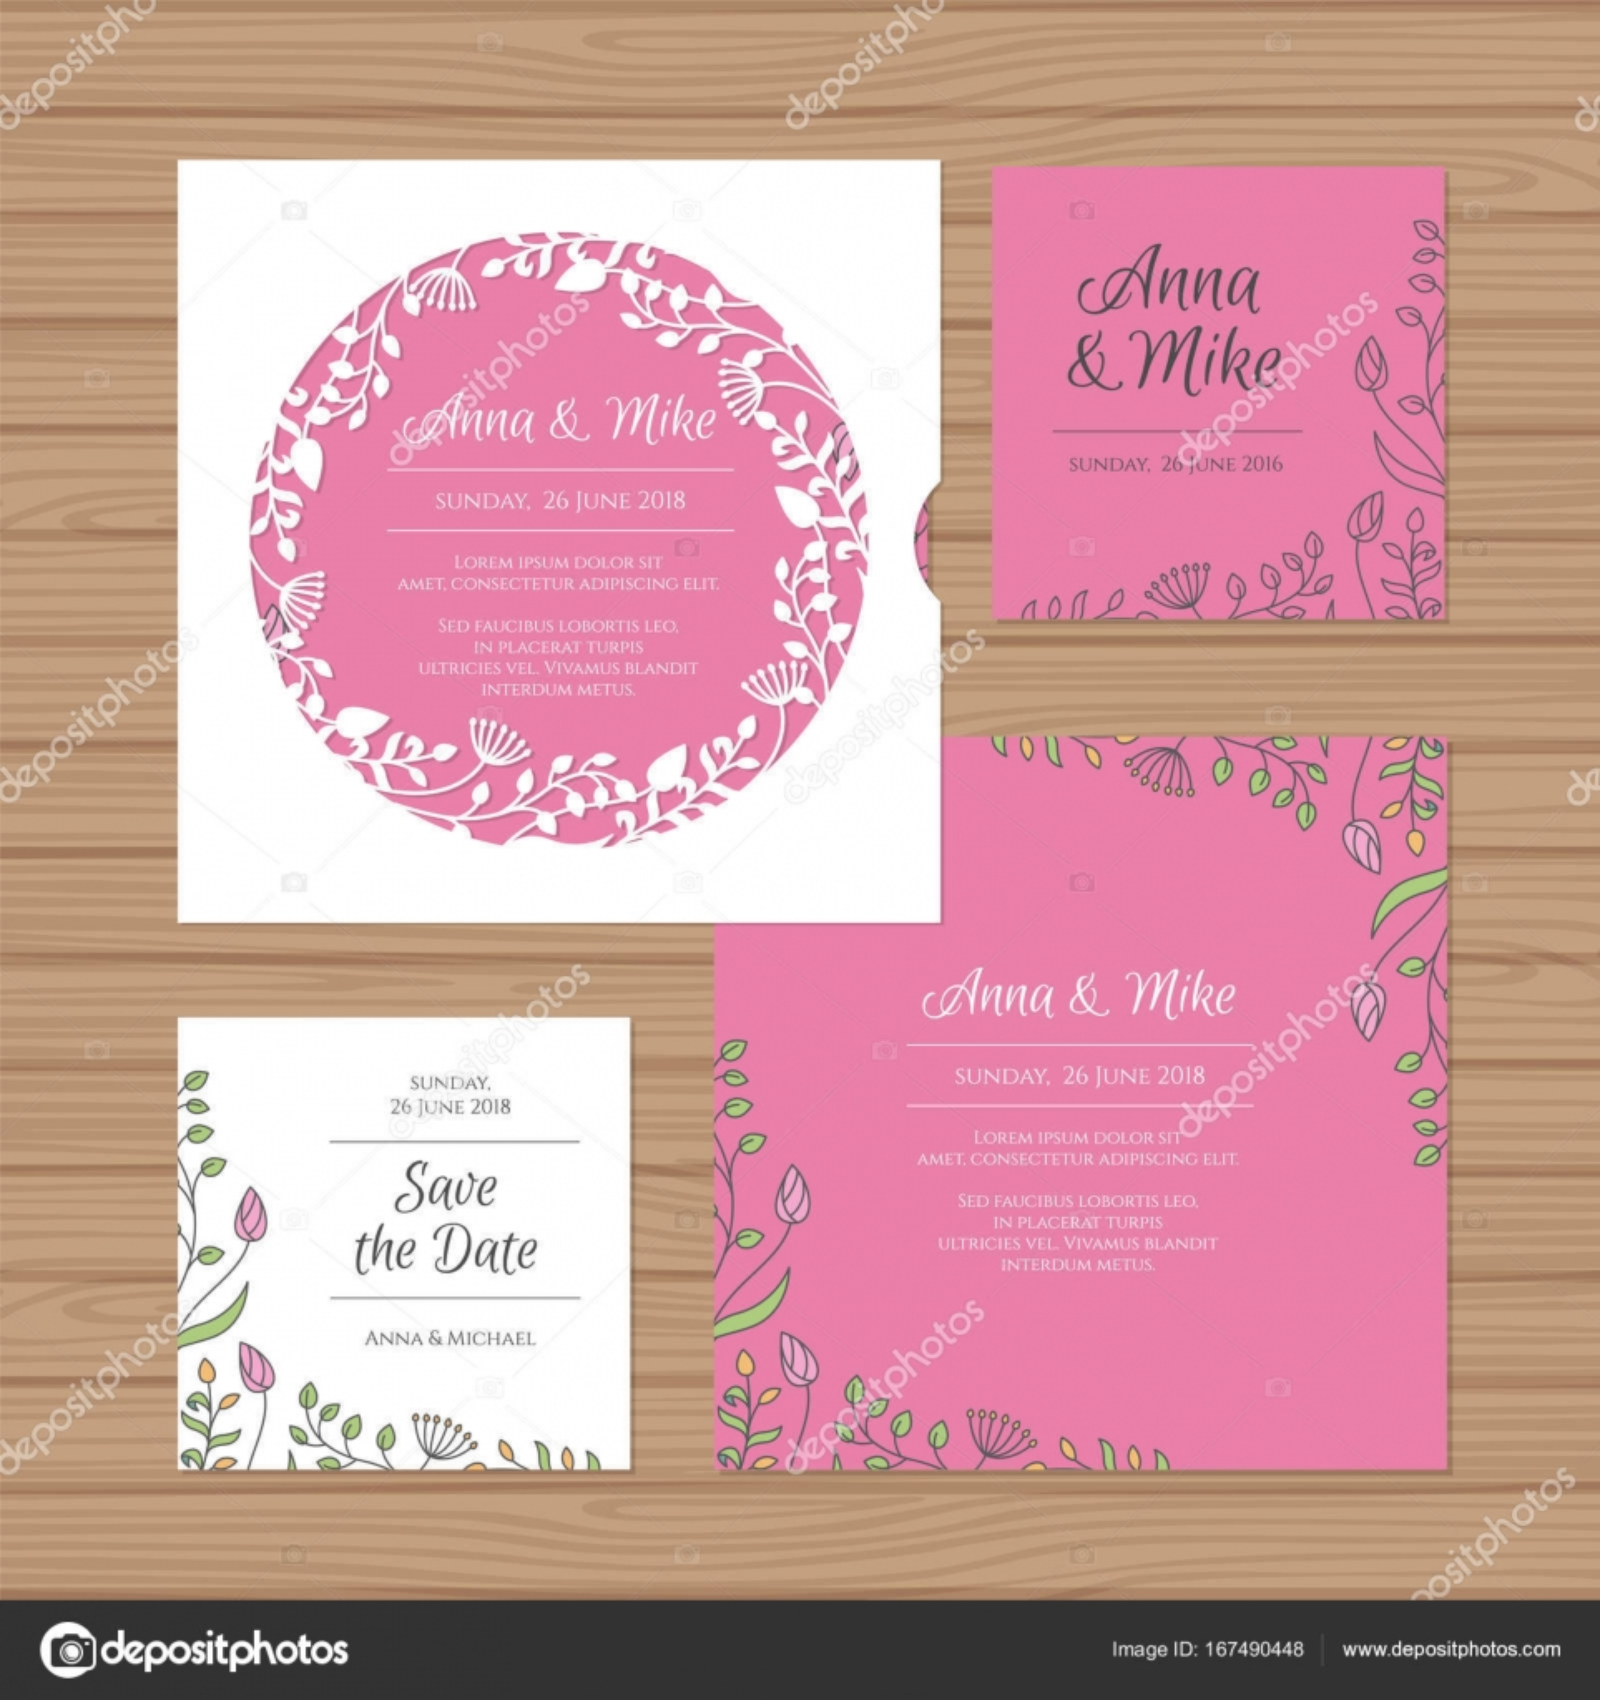 Hochzeitseinladung Oder Grußkarte Mit Blumen Kranz. Schneiden Sie Laser  Quadratischen Briefumschlag Vorlage. Hochzeit Einladung Umschlag Für Das ...